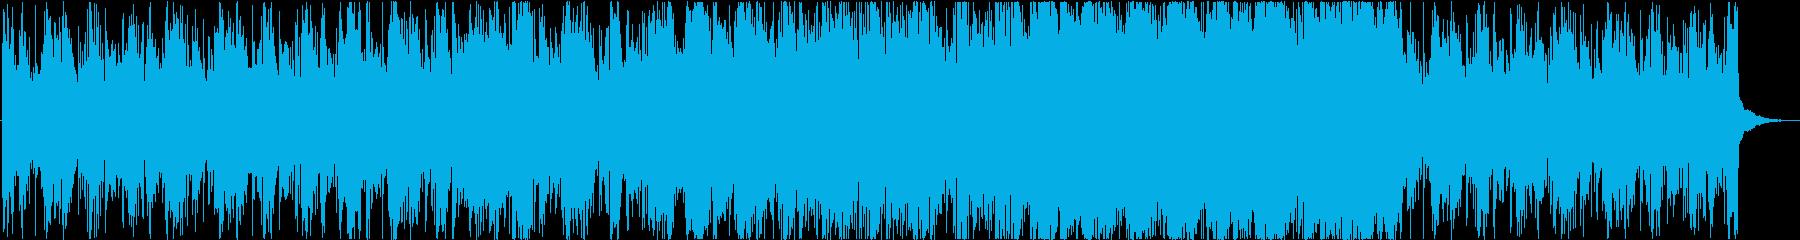 ダークでシリアスな徐々に盛り上がる劇伴の再生済みの波形